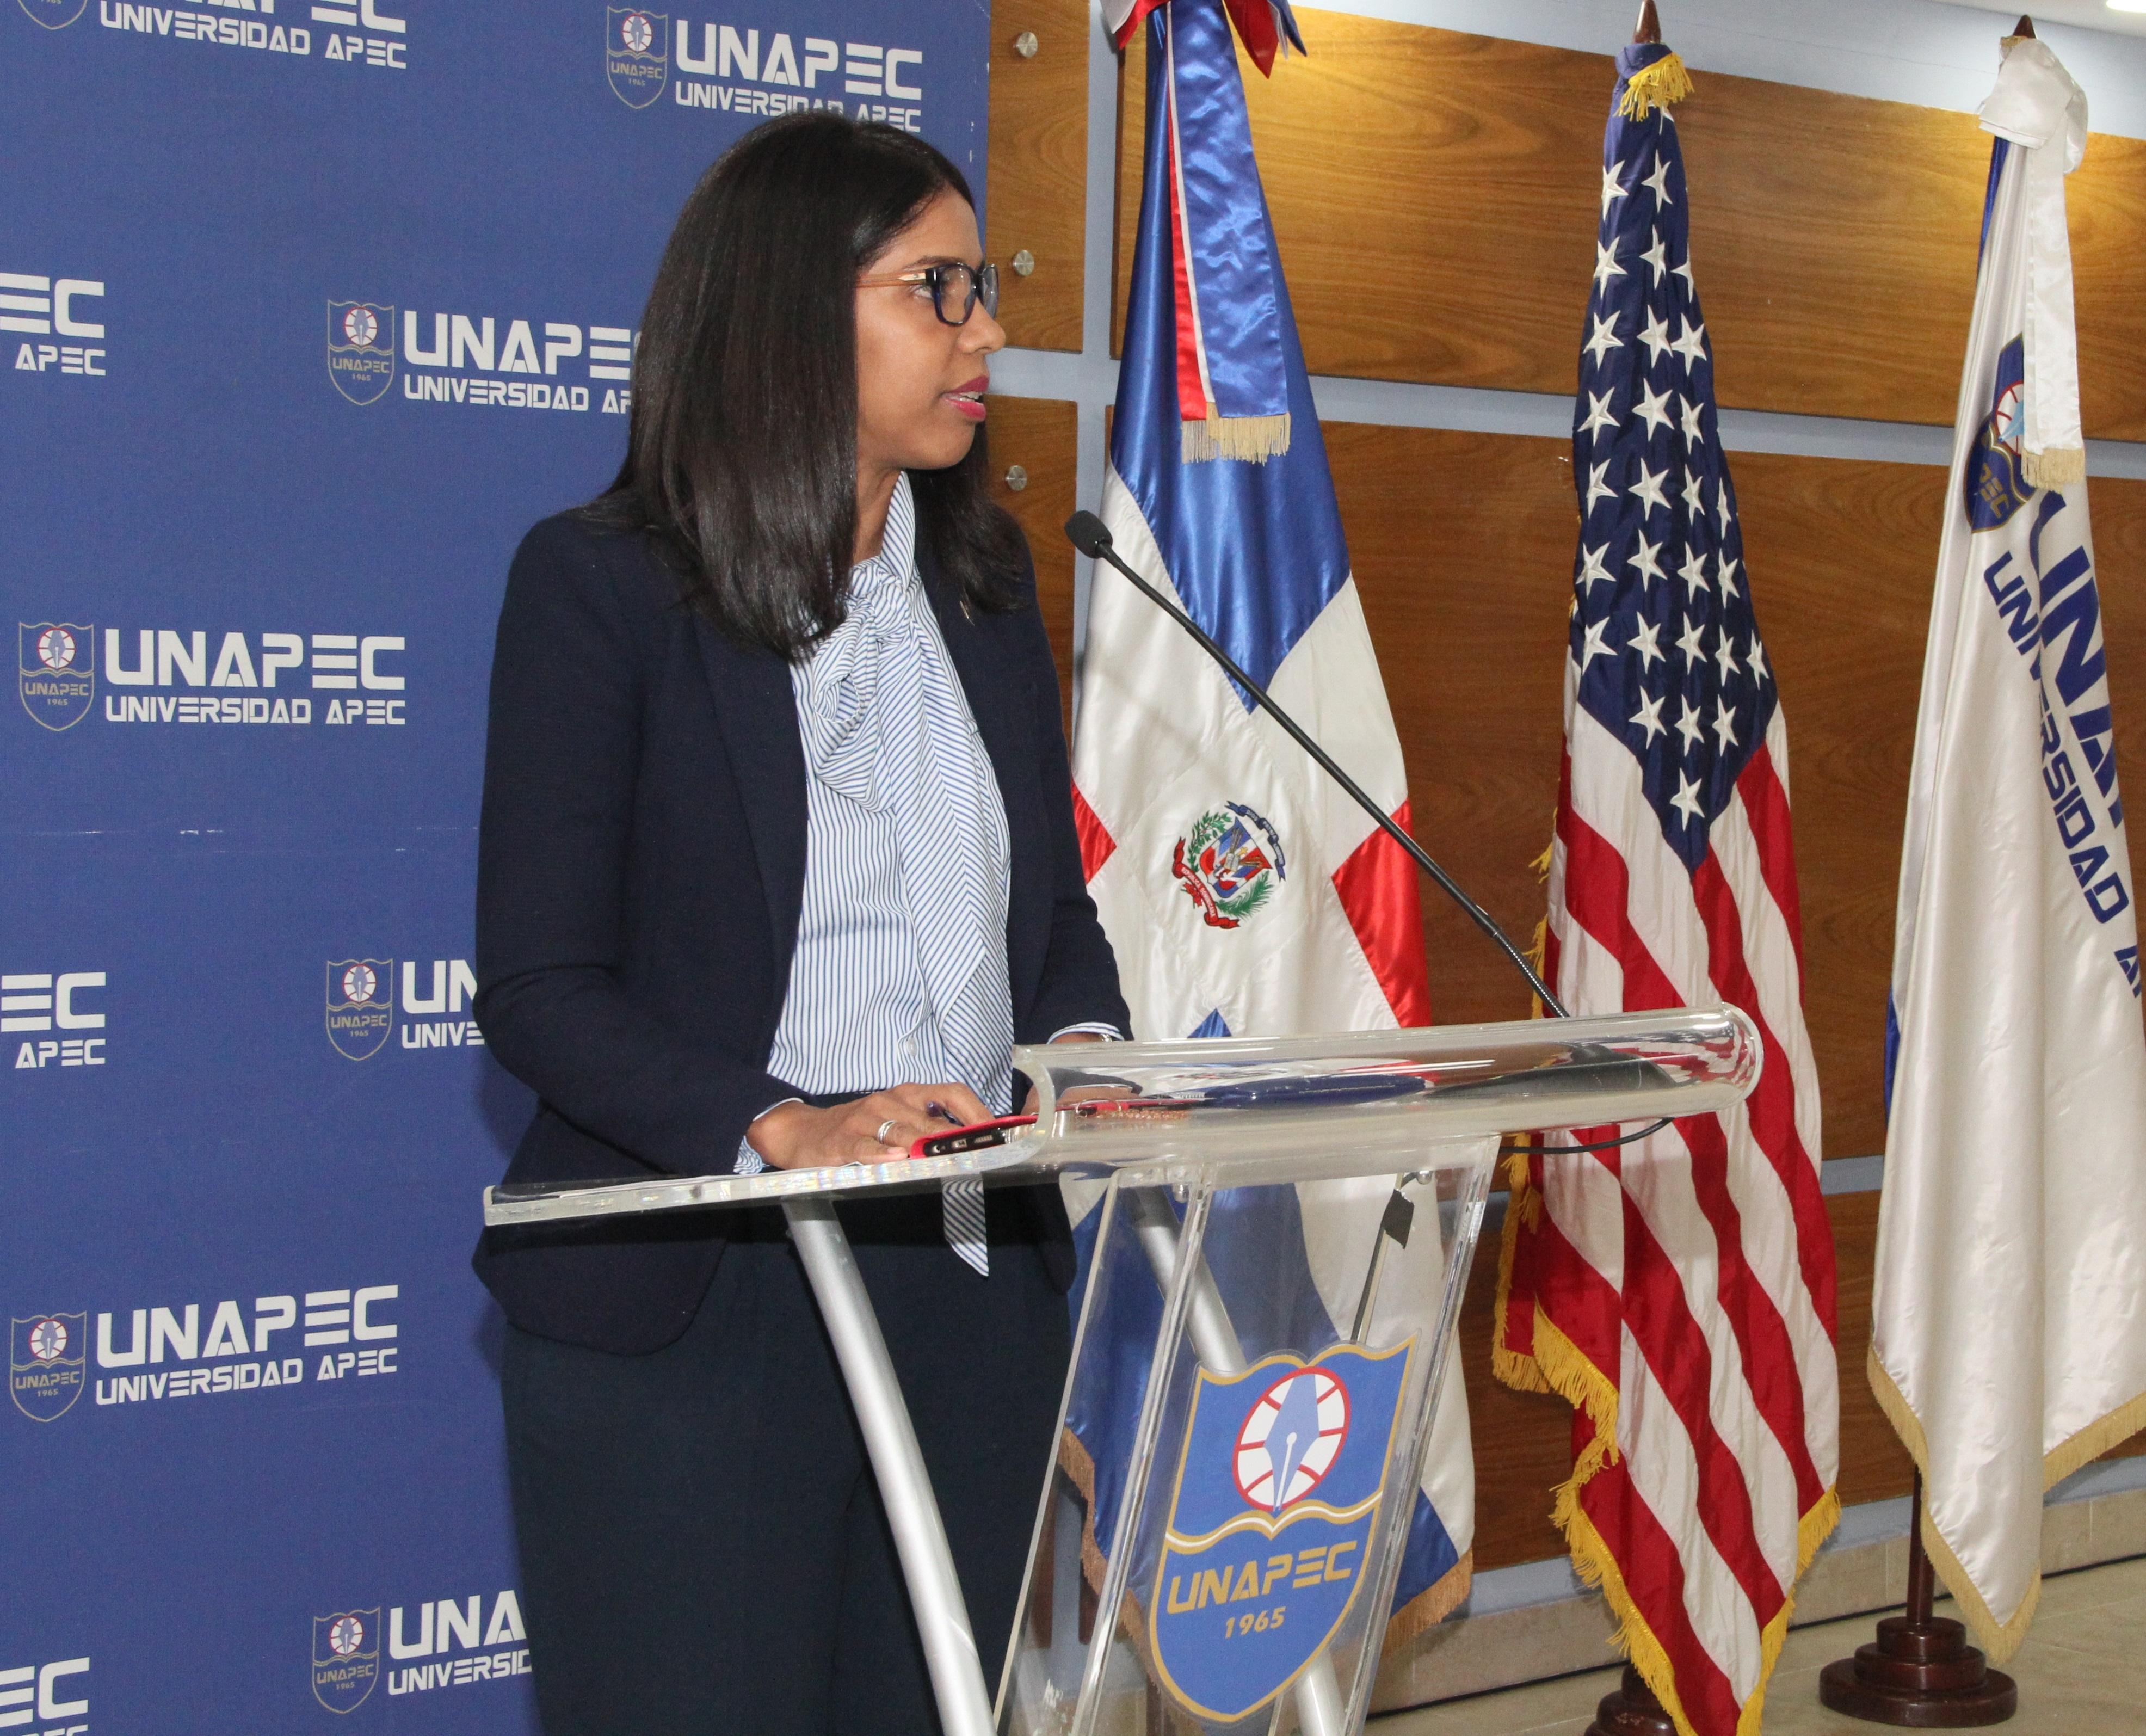 Directora de la Escuela de Idiomas de UNAPEC, licenciada Rhina Santelises.